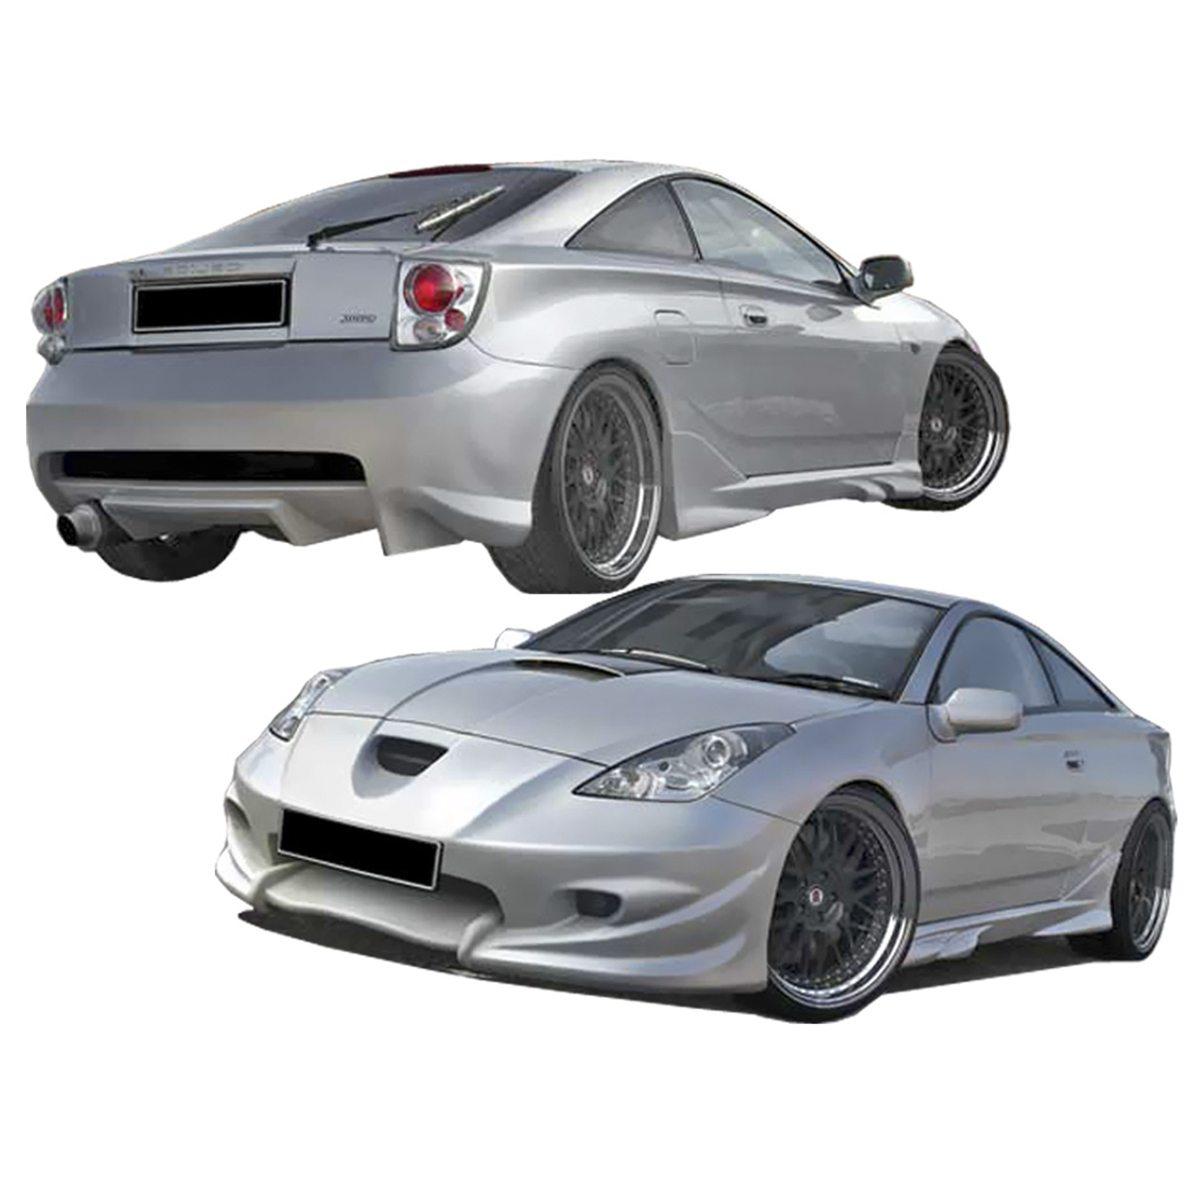 Toyota-Celica-00-Flash-KIT-QTU026